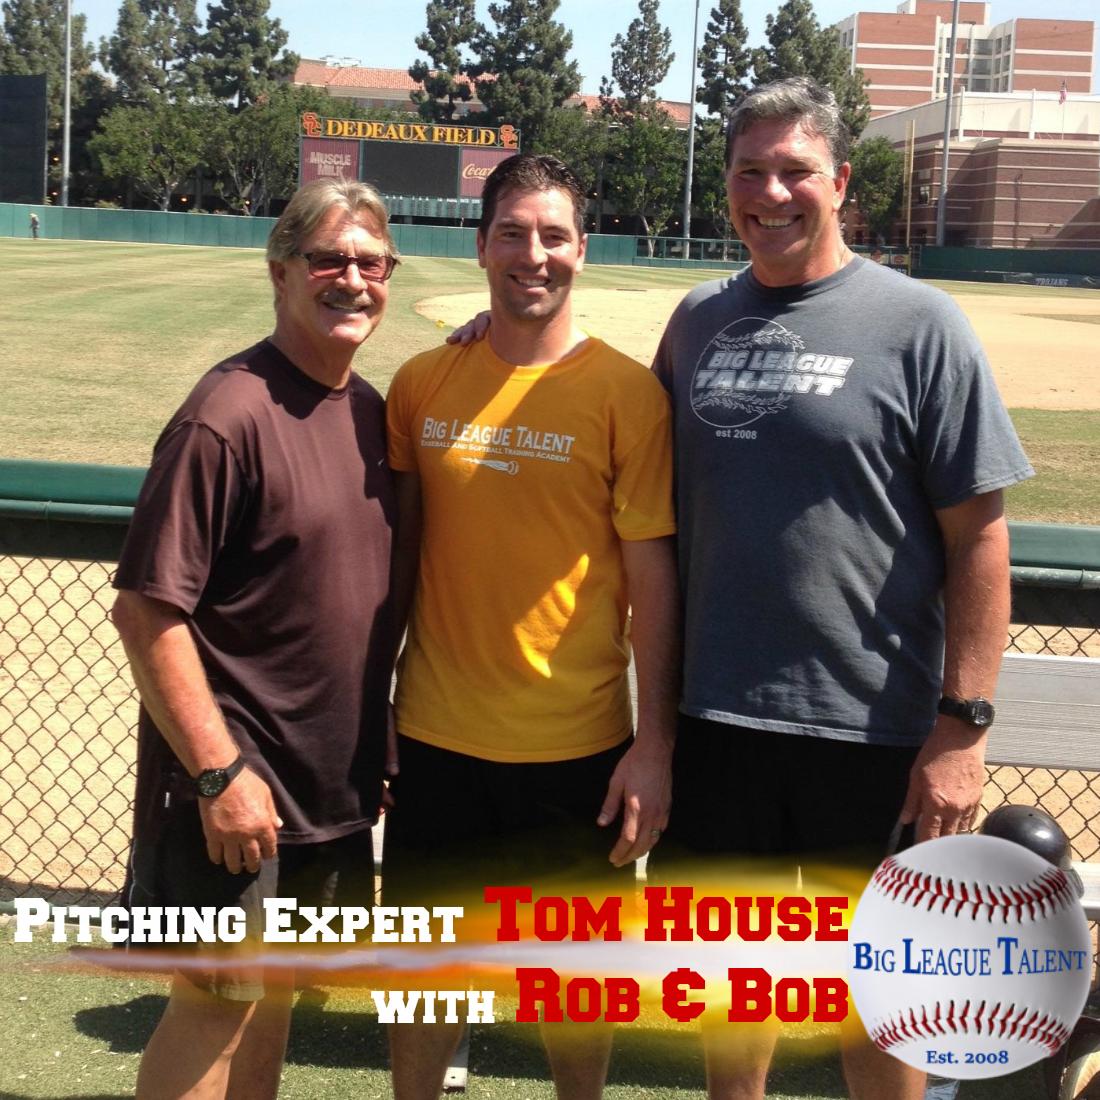 Tom House, Rob Semerano & Bob Semerano